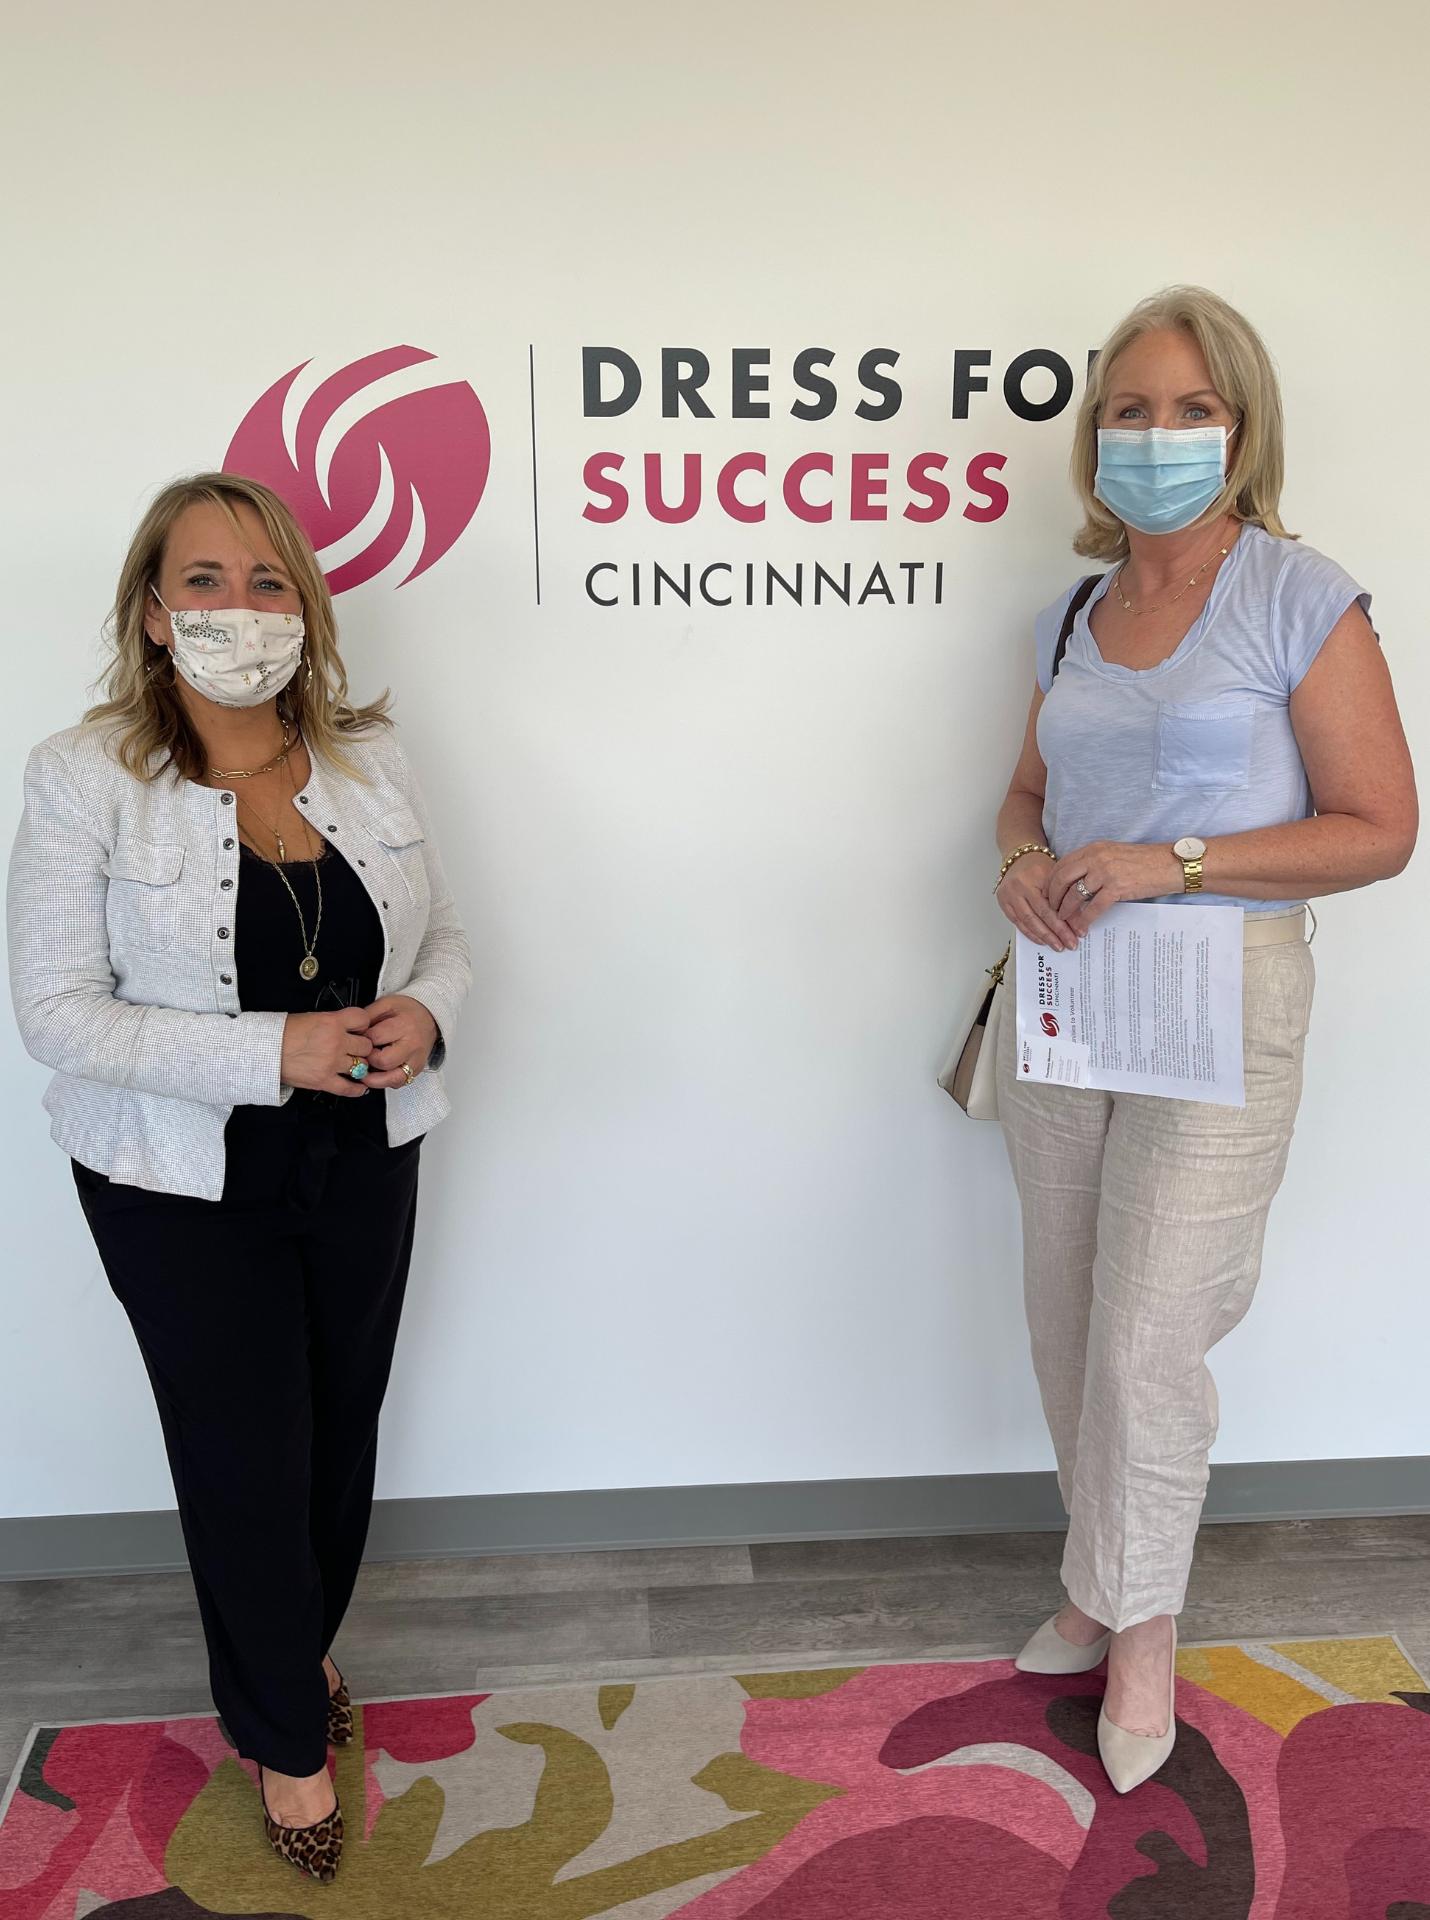 Visiting Dress for Success Cincinnati